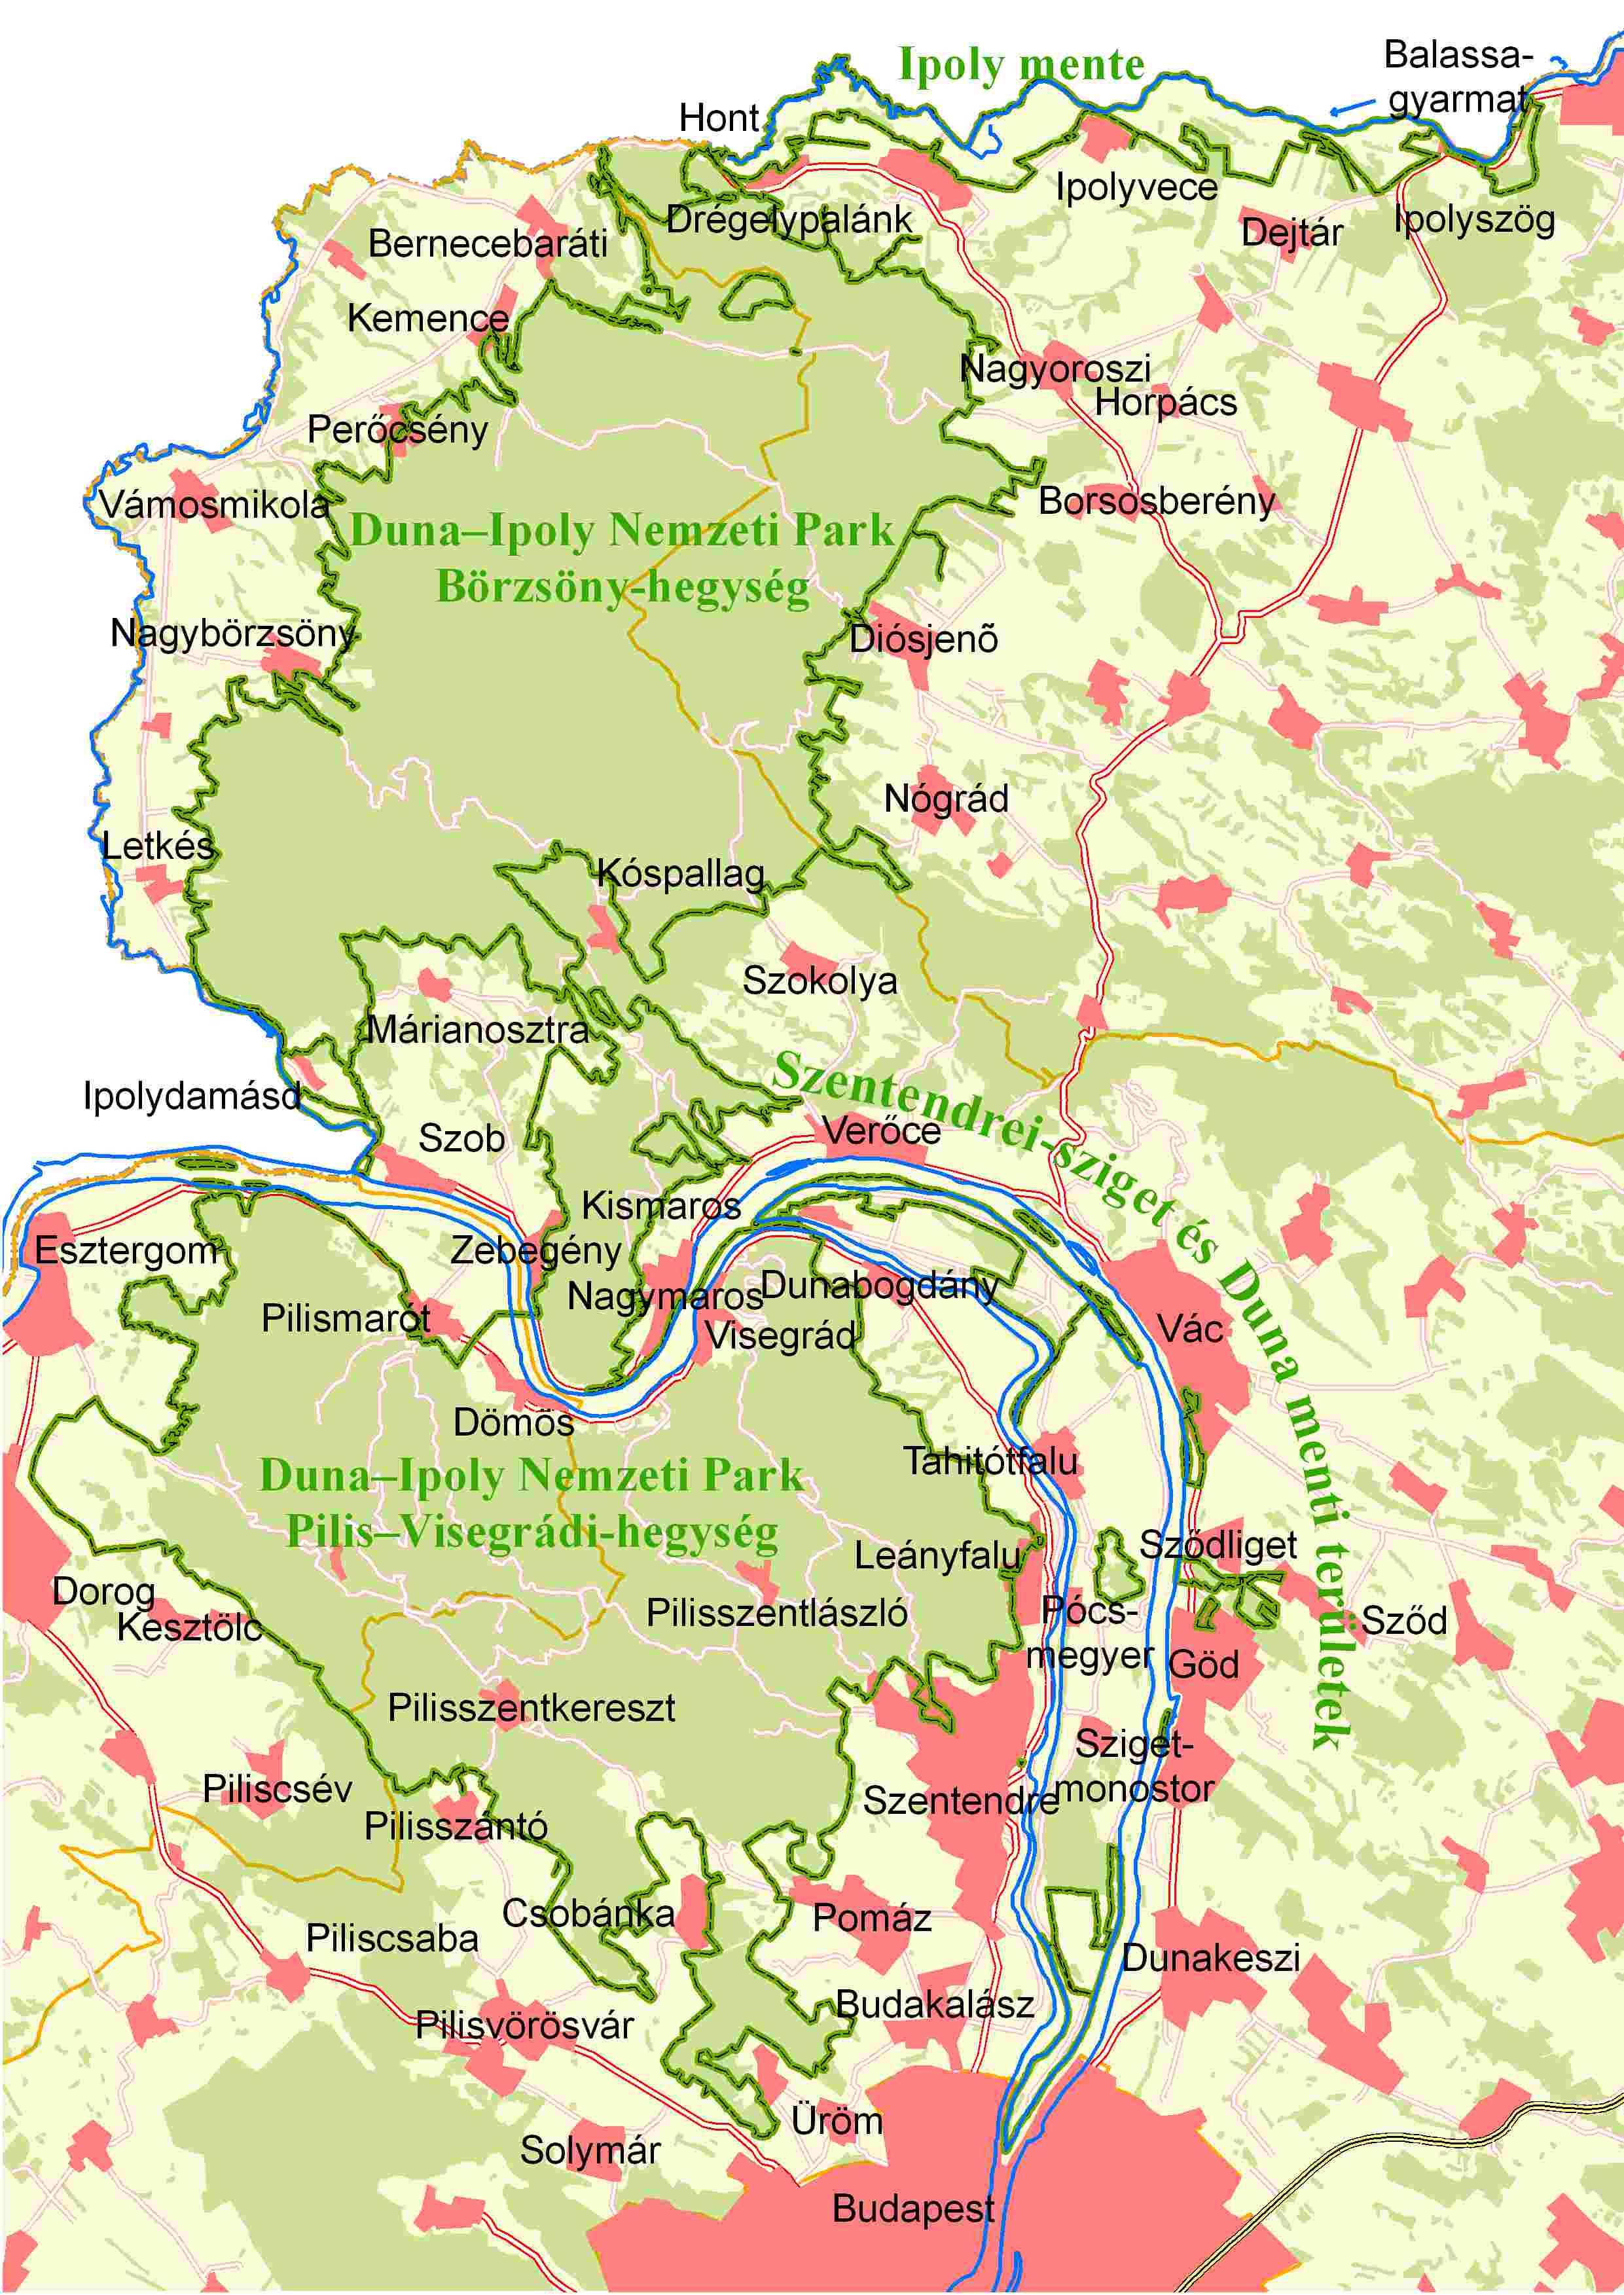 Duna Ipoly Nemzeti Park Map Duna Ipoly Nemzeti Park Hungary